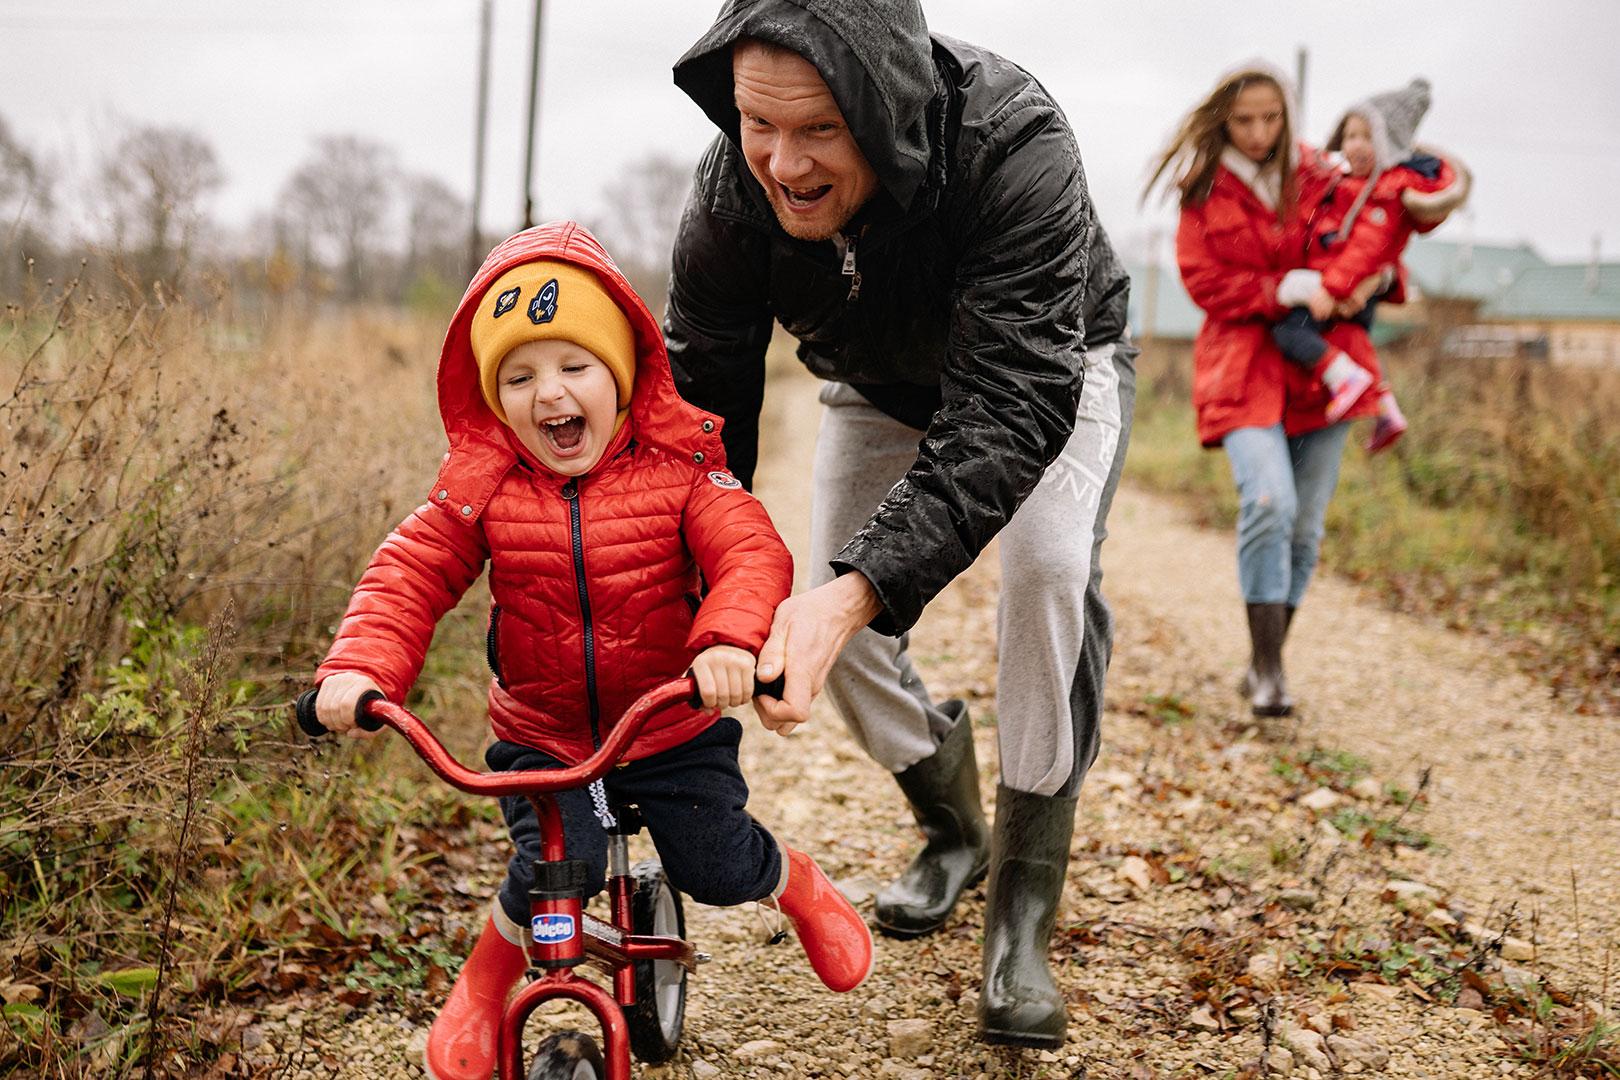 Un enfant avec un manteau rouge, un bonnet jaune est sur son vélo, son papa le pousse et sa maman est en arrière plan, elle porte un enfant.